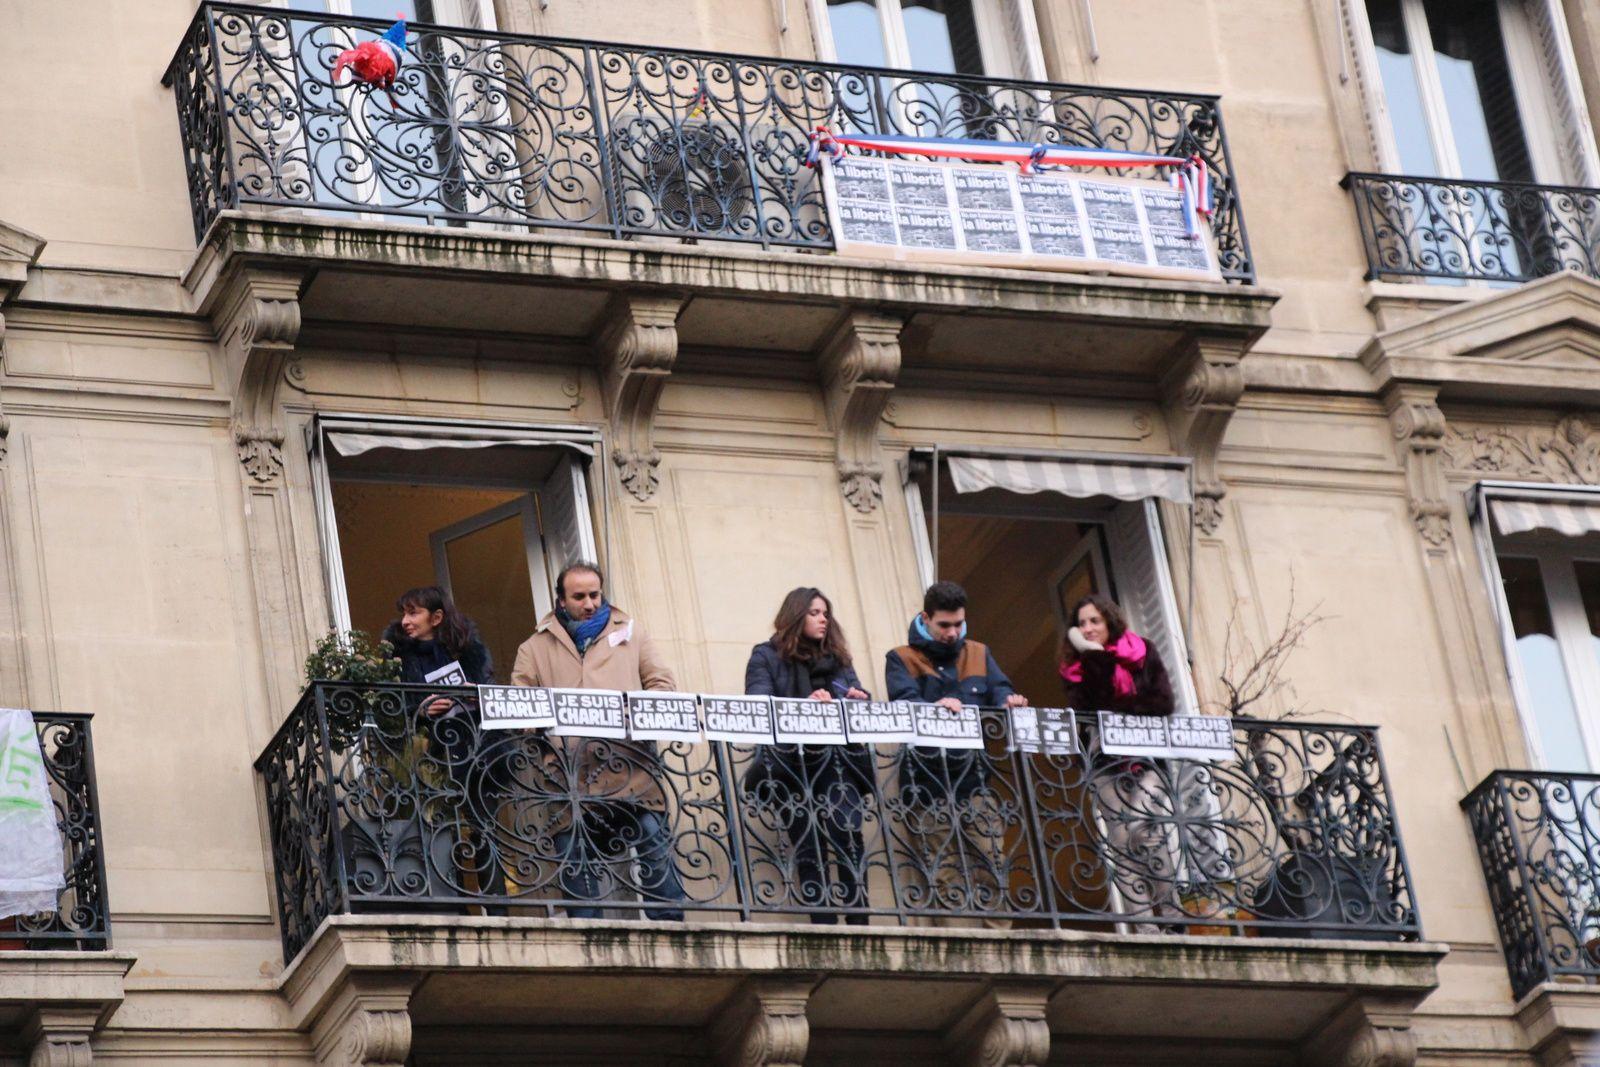 Un crayon à la main, debout, face à la barbarie, nous avons participé ce dimanche 11 janvier 2015, en famille, au rassemblement contre la tragédie vécue à Charlie Hebdo et tous les dramatiques événements qui en ont découlé.